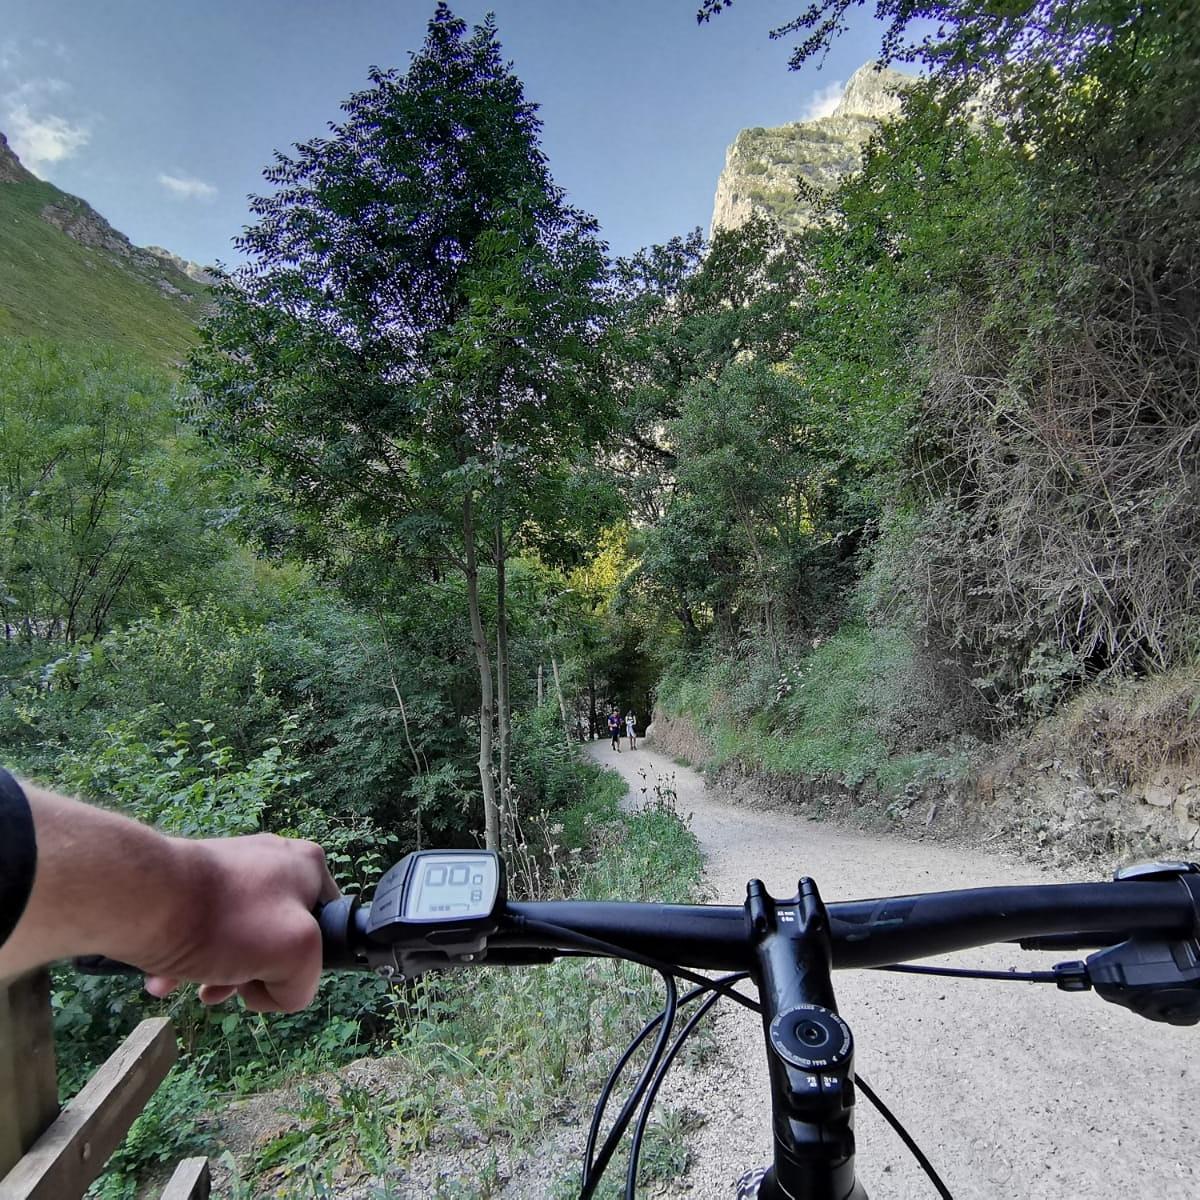 Ruta del Cares 😍, nuevos lugares con nuestras bicis eléctricas. Consultanos sin compromiso o accede a https://t.co/Sw2n0mnyEV #puraaventurayocio #bike #bikeinstagram #piloña #btt #turismoasturias #turismonacional  #ebike #bicielectrica #alquilerdebicicletaselectricas https://t.co/1R5dGt7biW